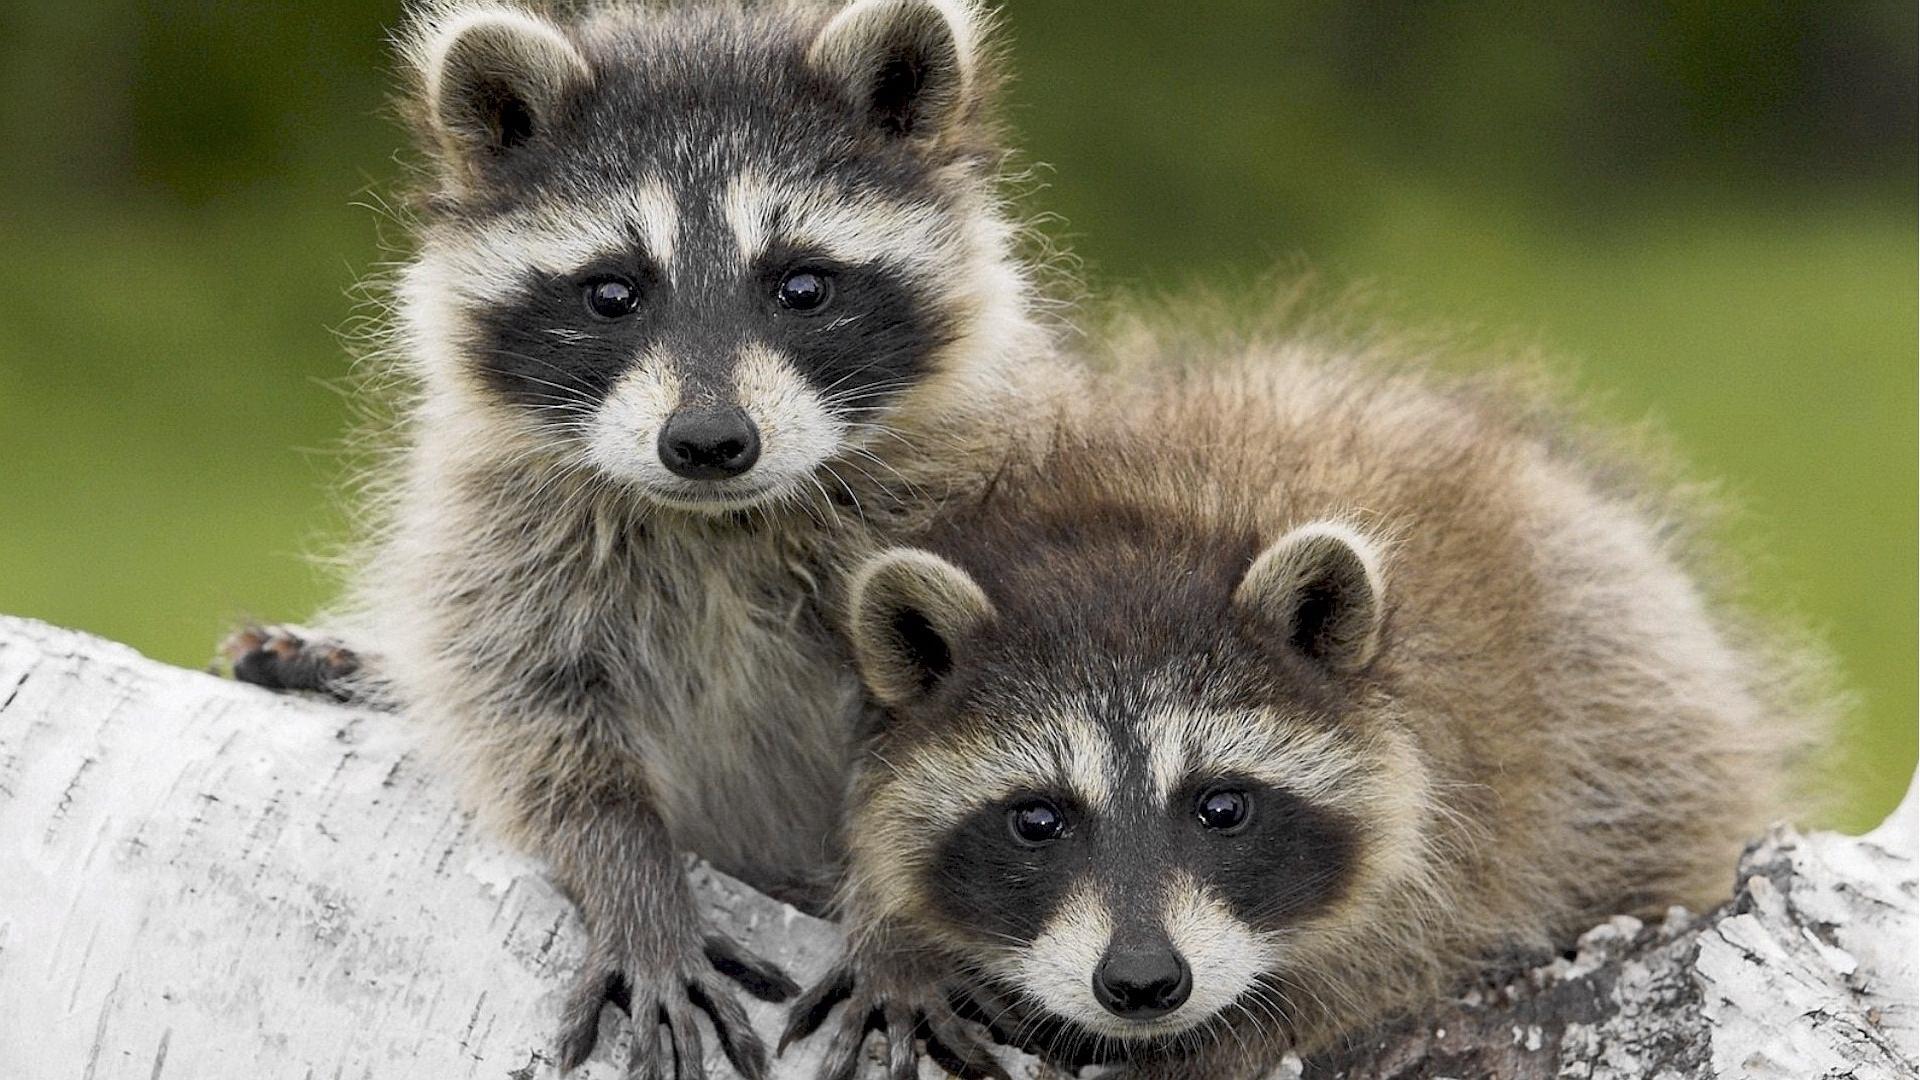 34217 Hintergrundbild herunterladen Tiere, Waschbären - Bildschirmschoner und Bilder kostenlos